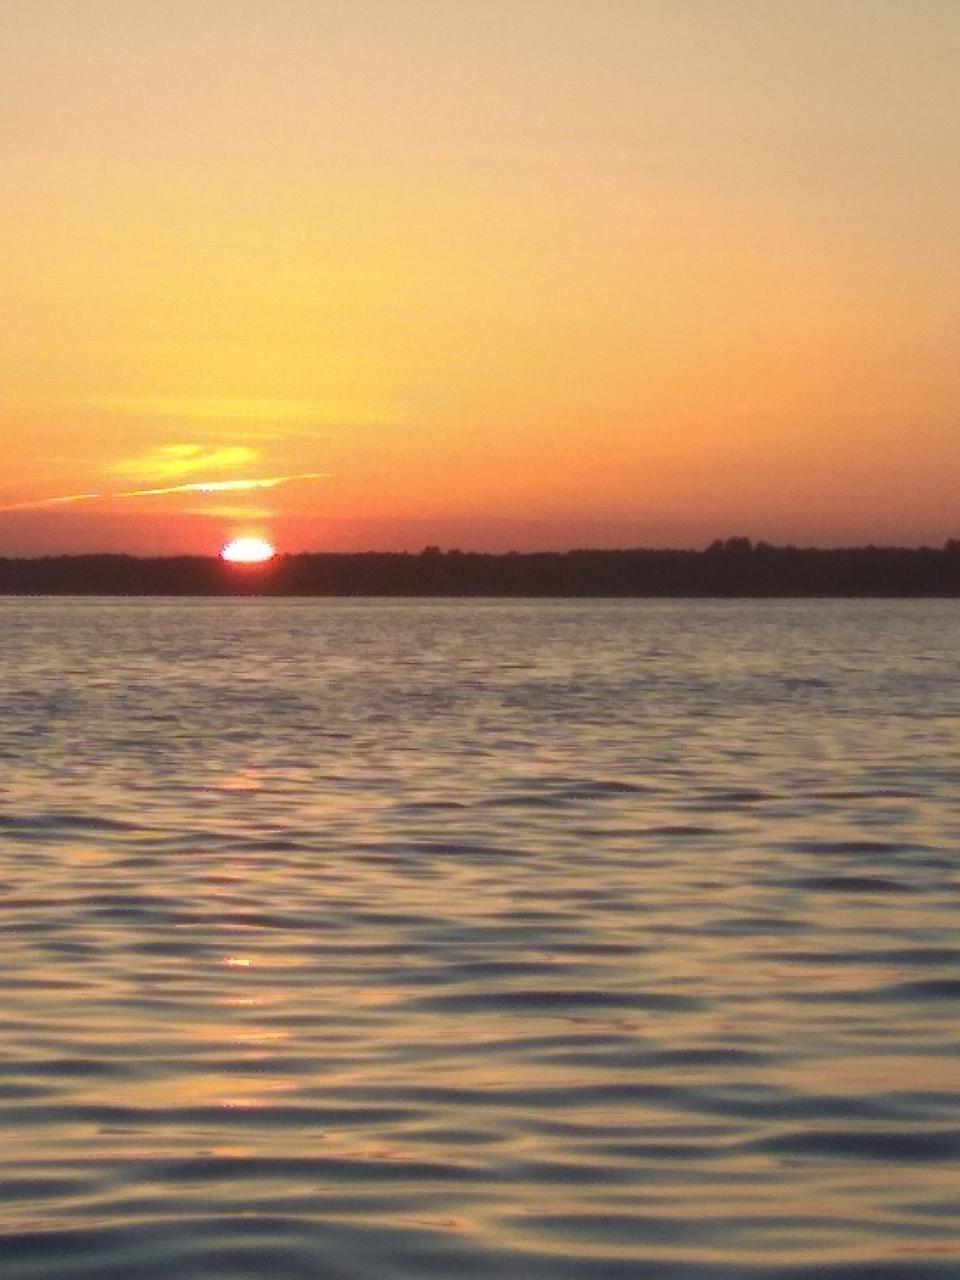 Были три ночёвки на Сельце ...   Отчеты о рыбалке в Беларуси